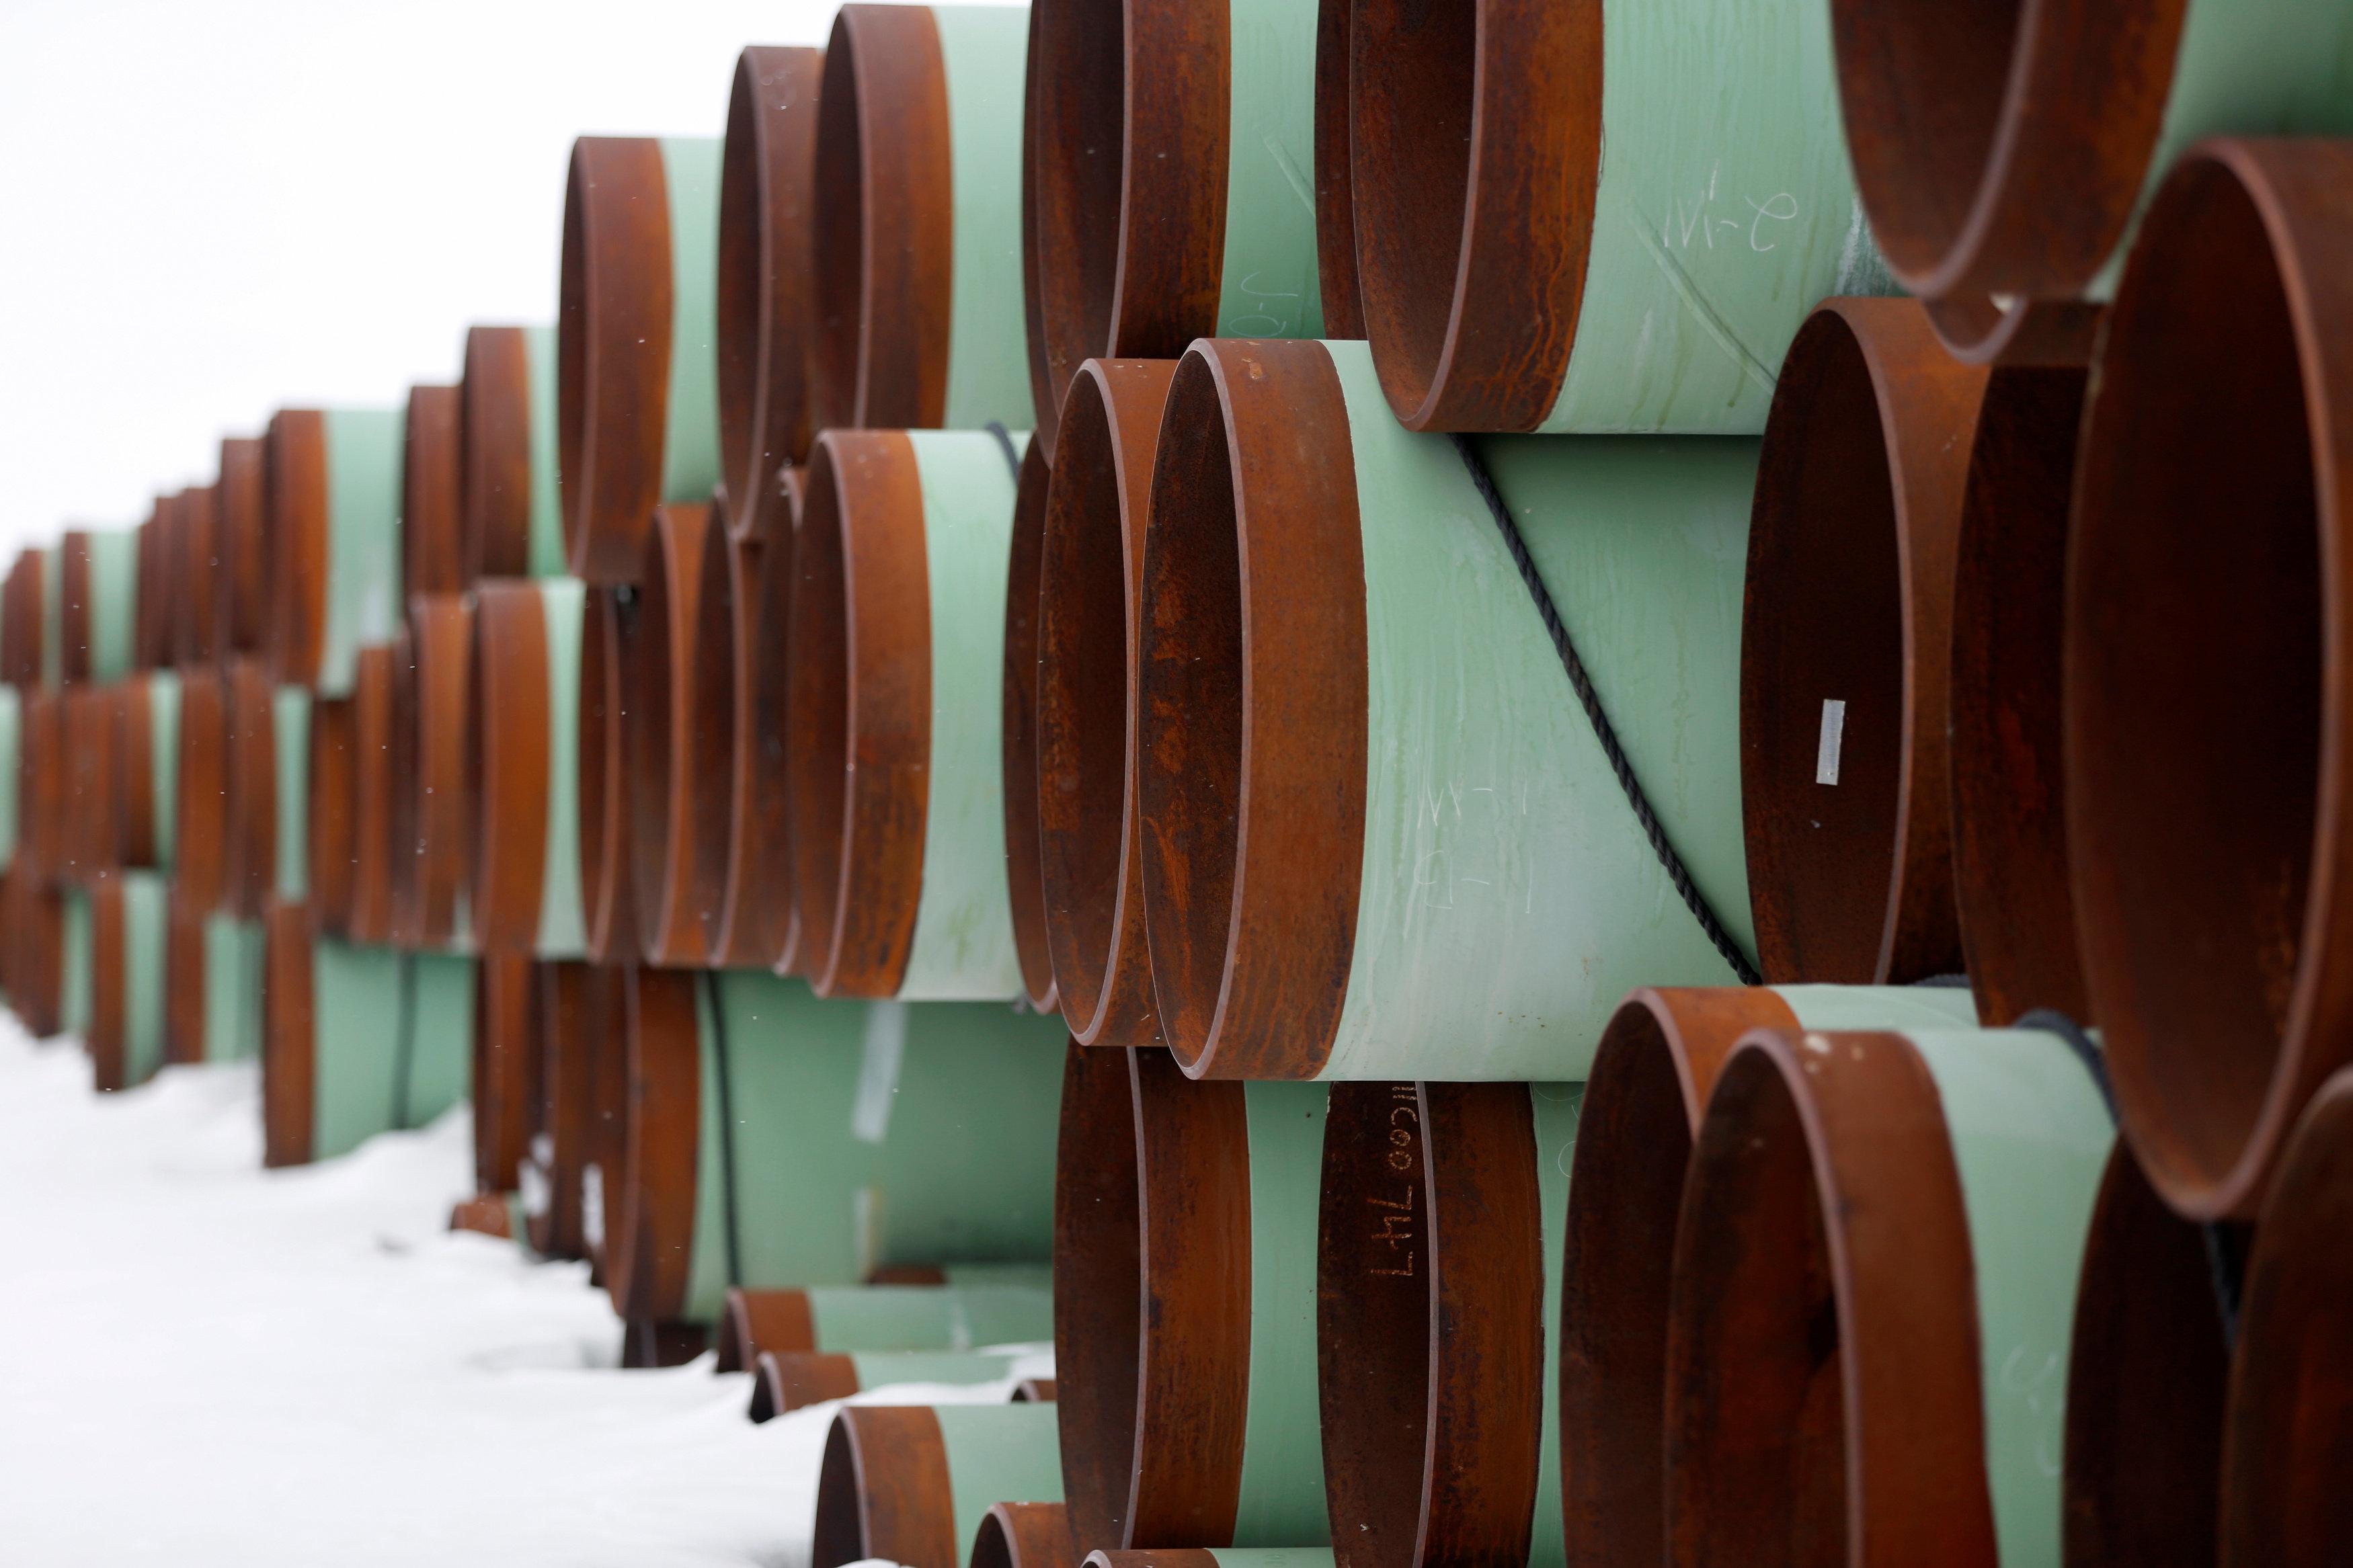 Keystone Pipeline Leaks 5,000 Barrels Of Oil In South Dakota ...